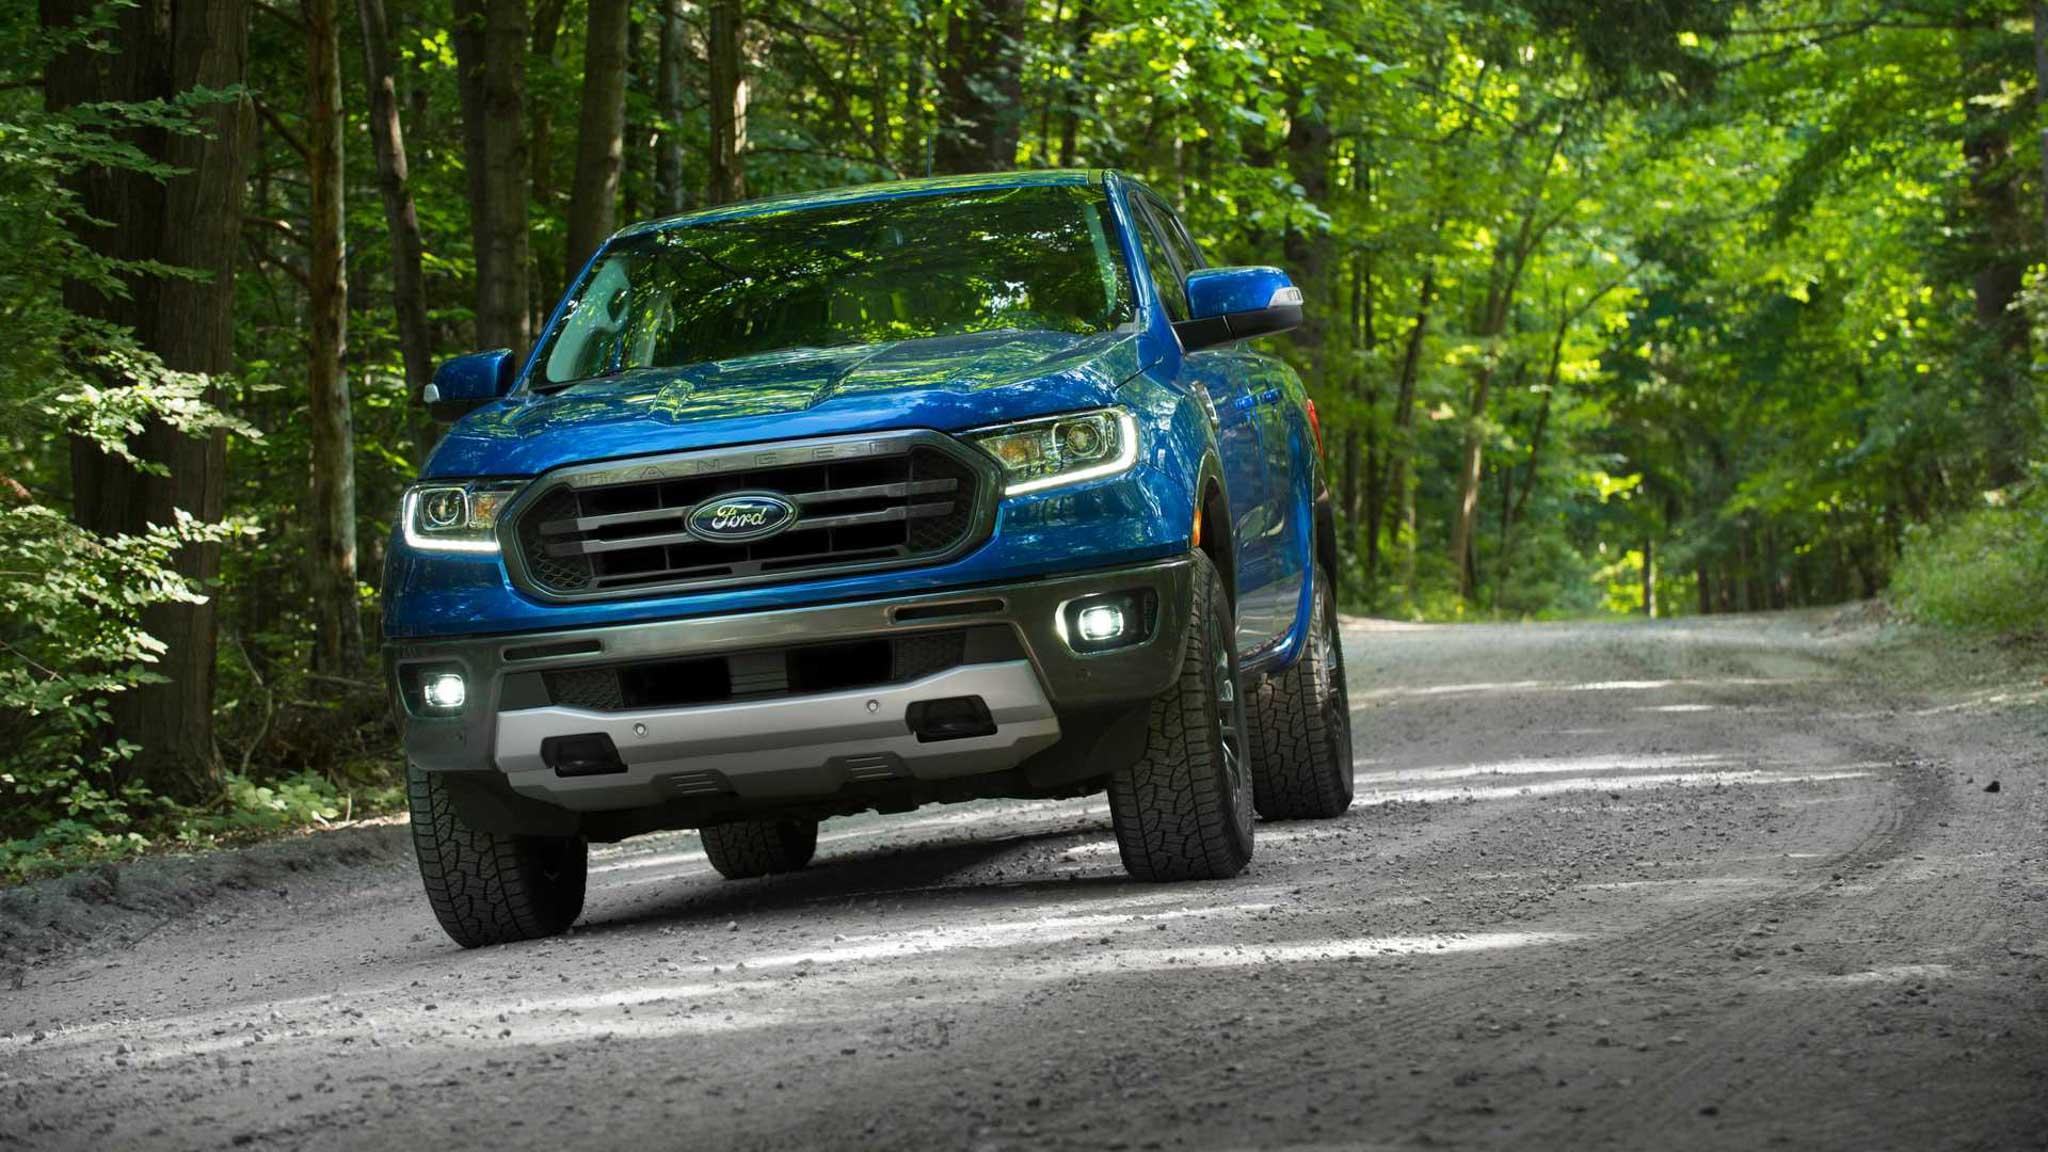 Ford Ranger thế hệ mới sẽ trang bị động cơ xăng và dầu V6 - 5